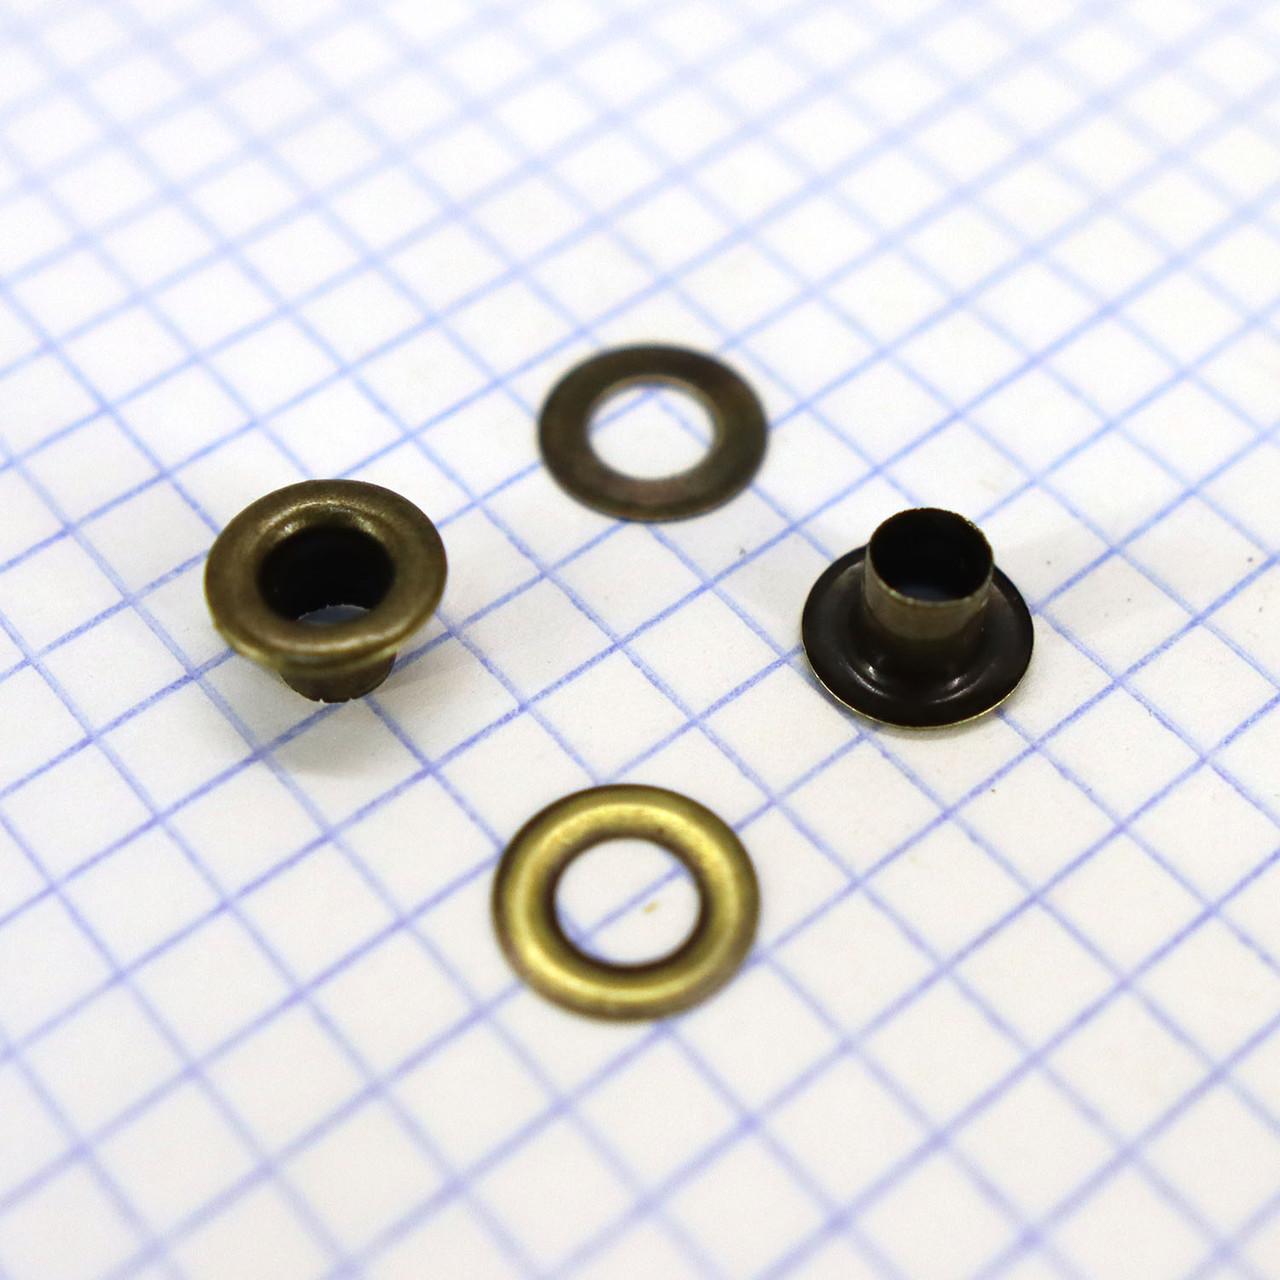 Люверс 5 мм антик a3813 t5040 (1000 шт.)